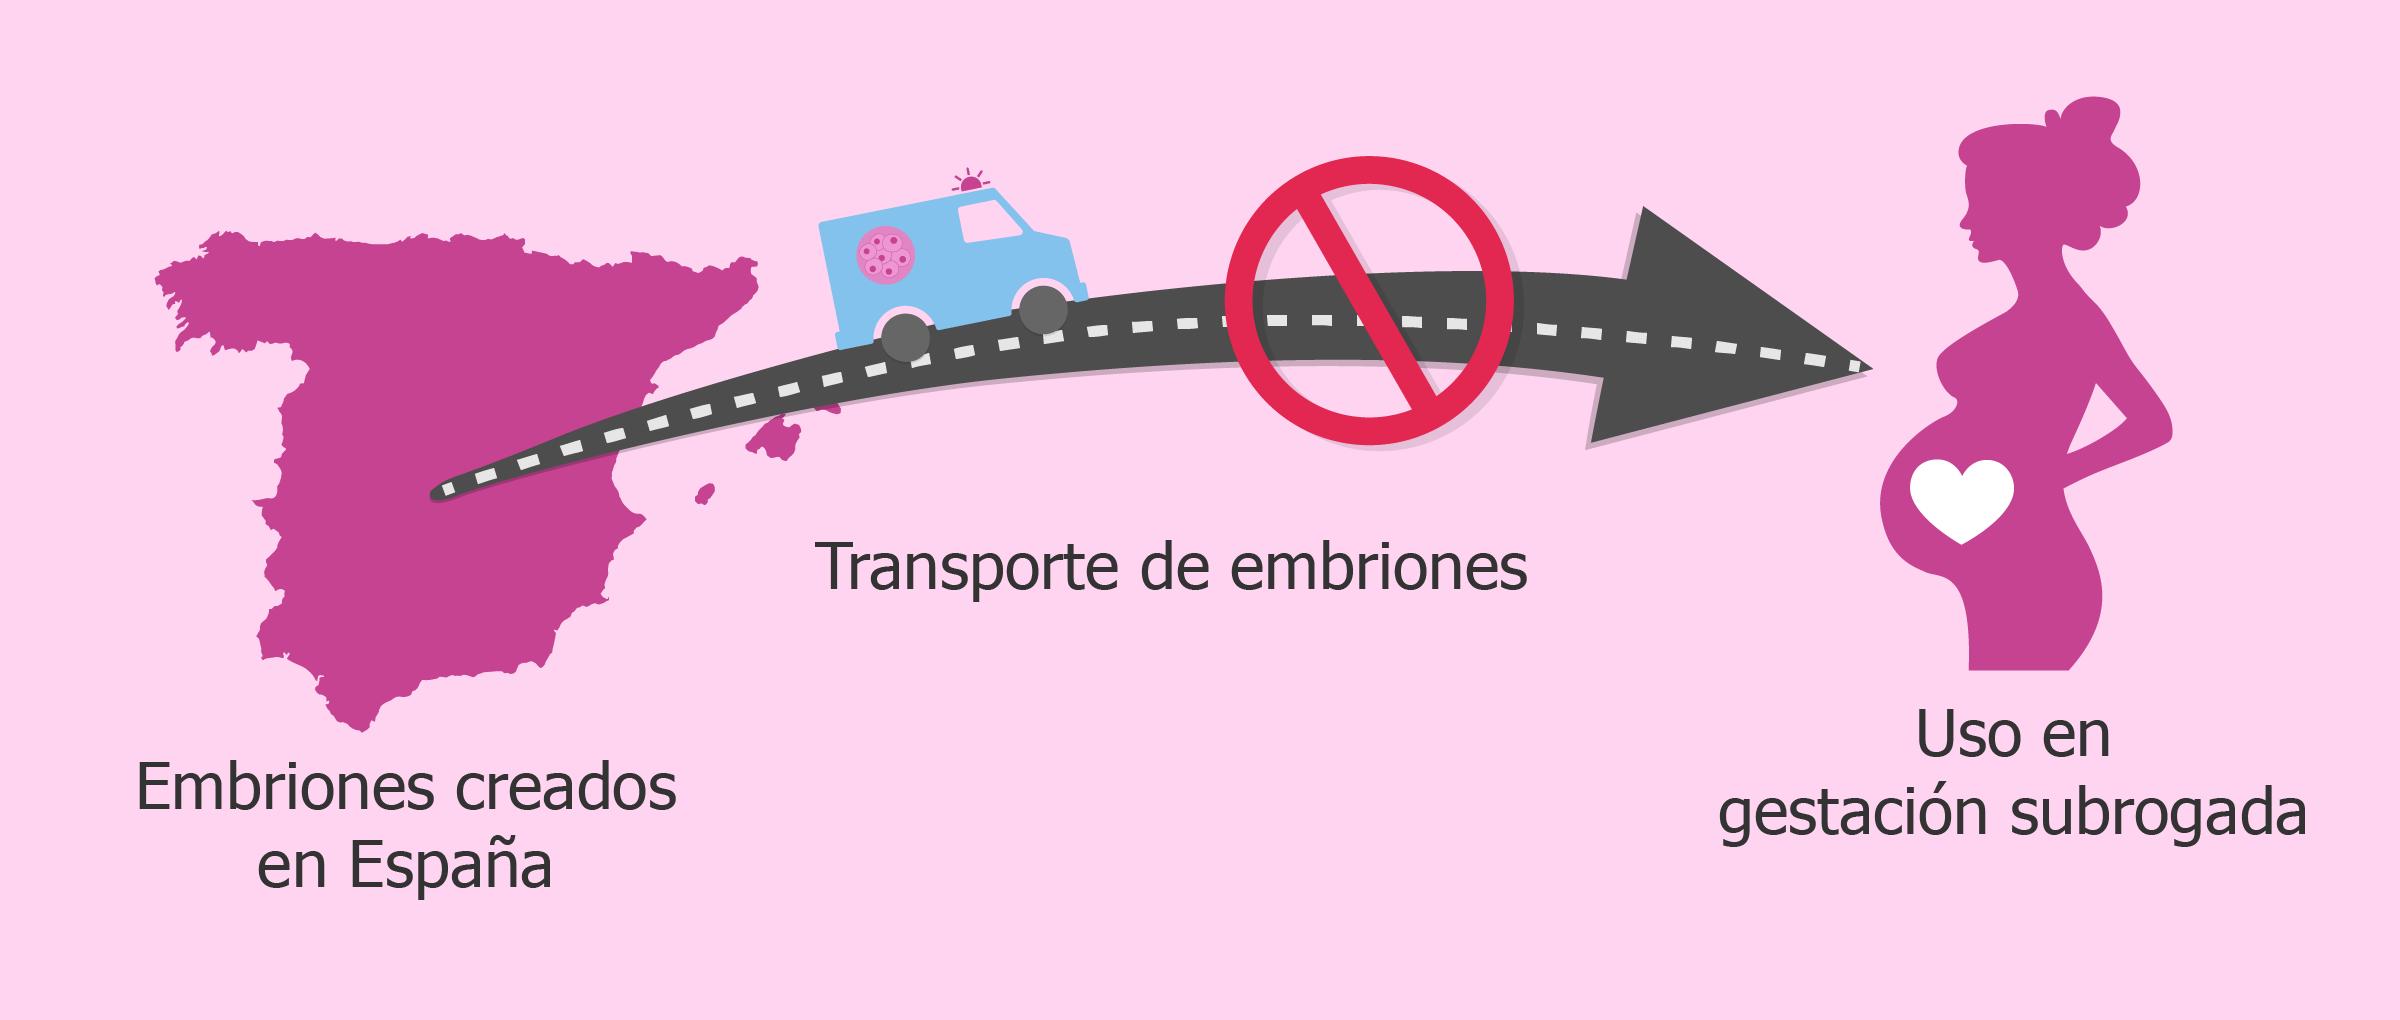 Transporte de embriones a otro país para maternidad subrogada